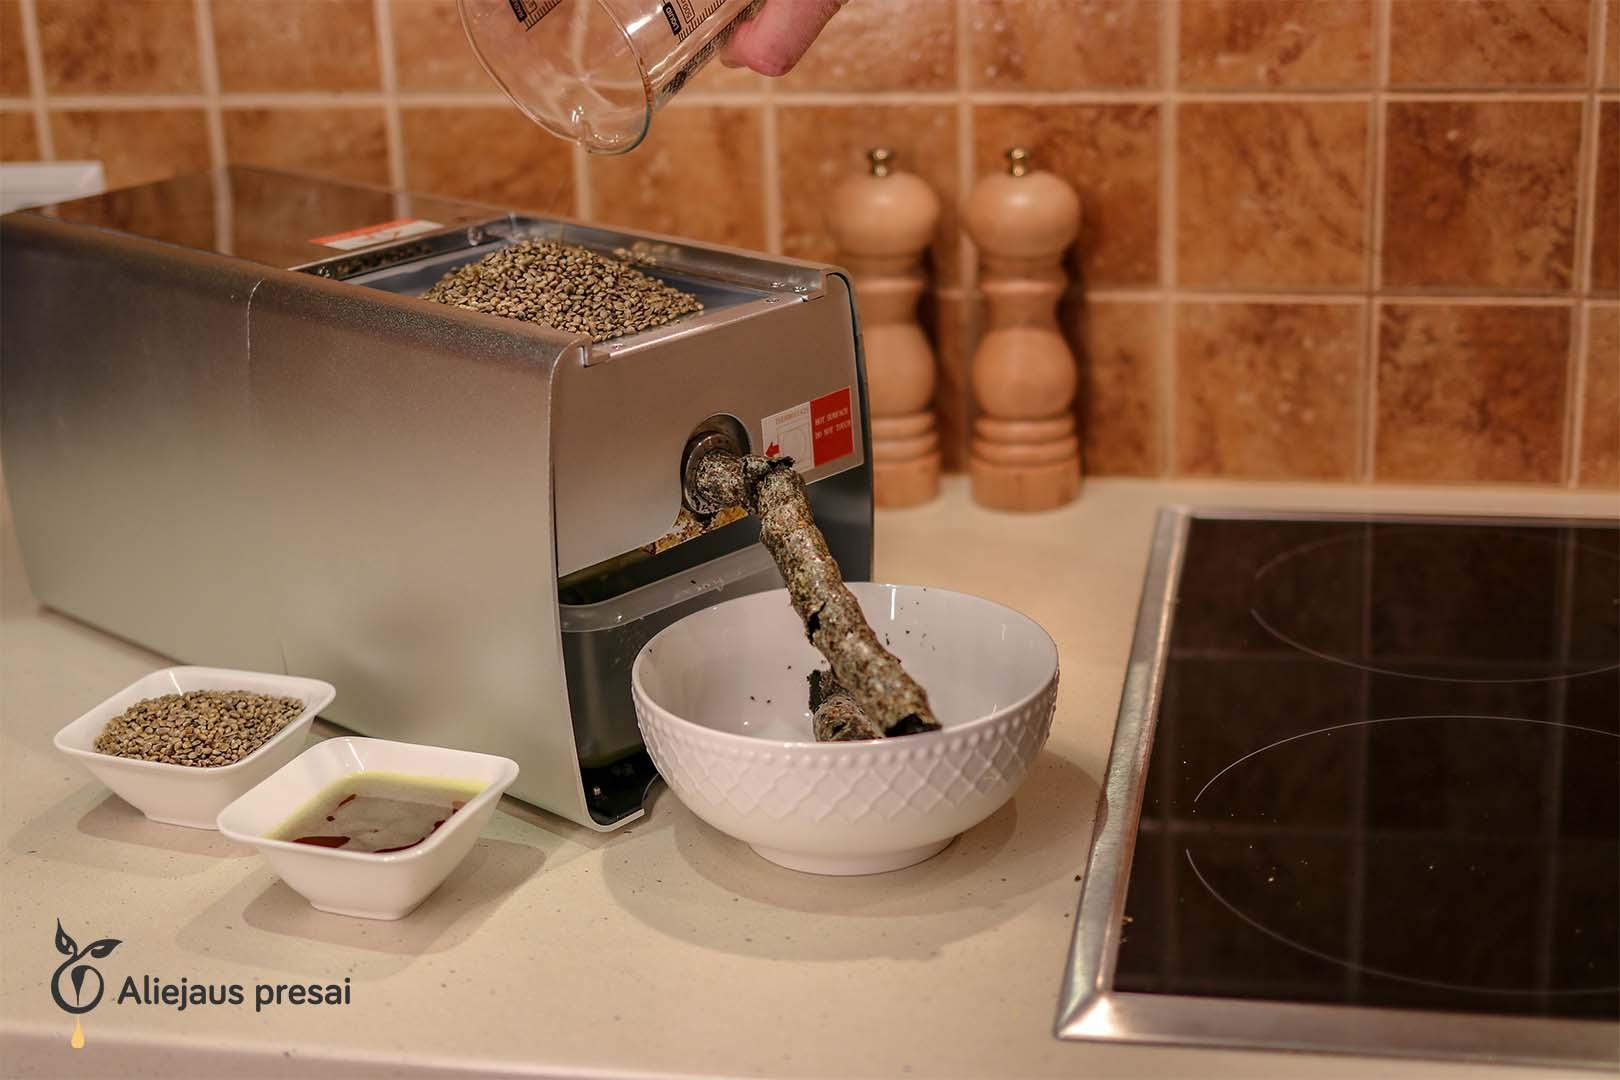 Kanapių sėklų aliejaus spaudimas namų sąlygomis